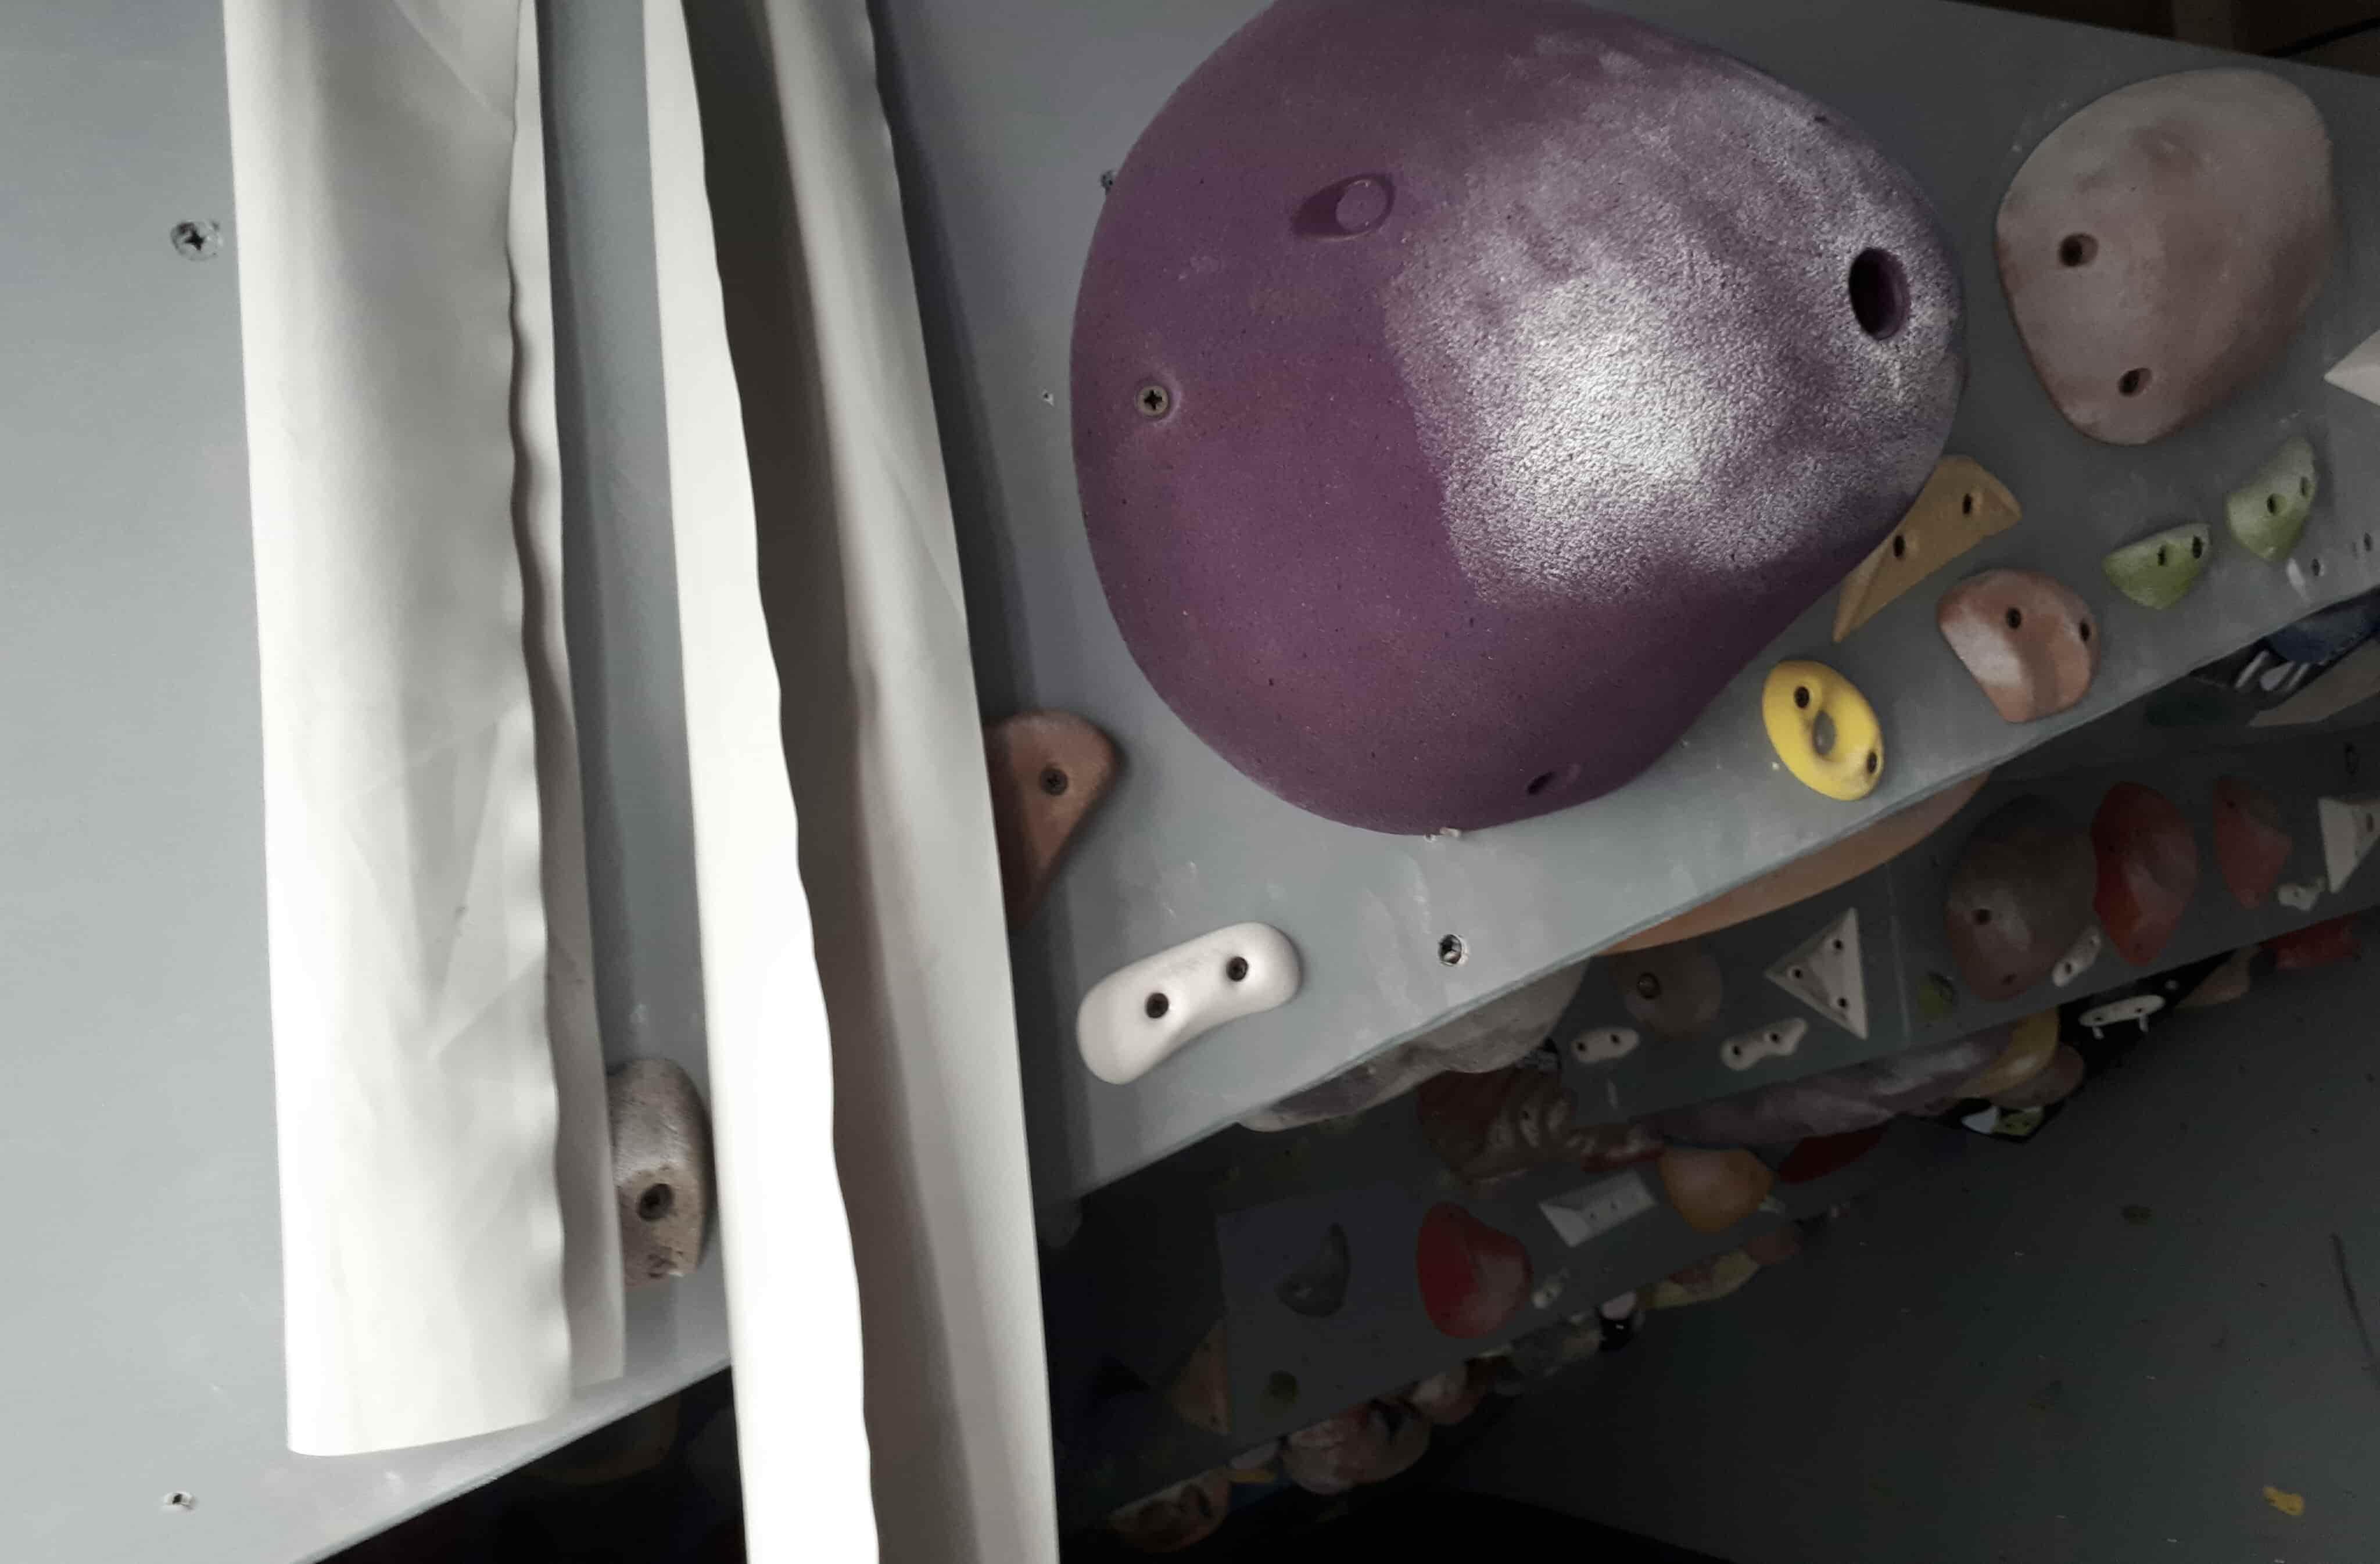 Allenarsi per l'arrampicata con le fasce elastiche - Oliunìd is training